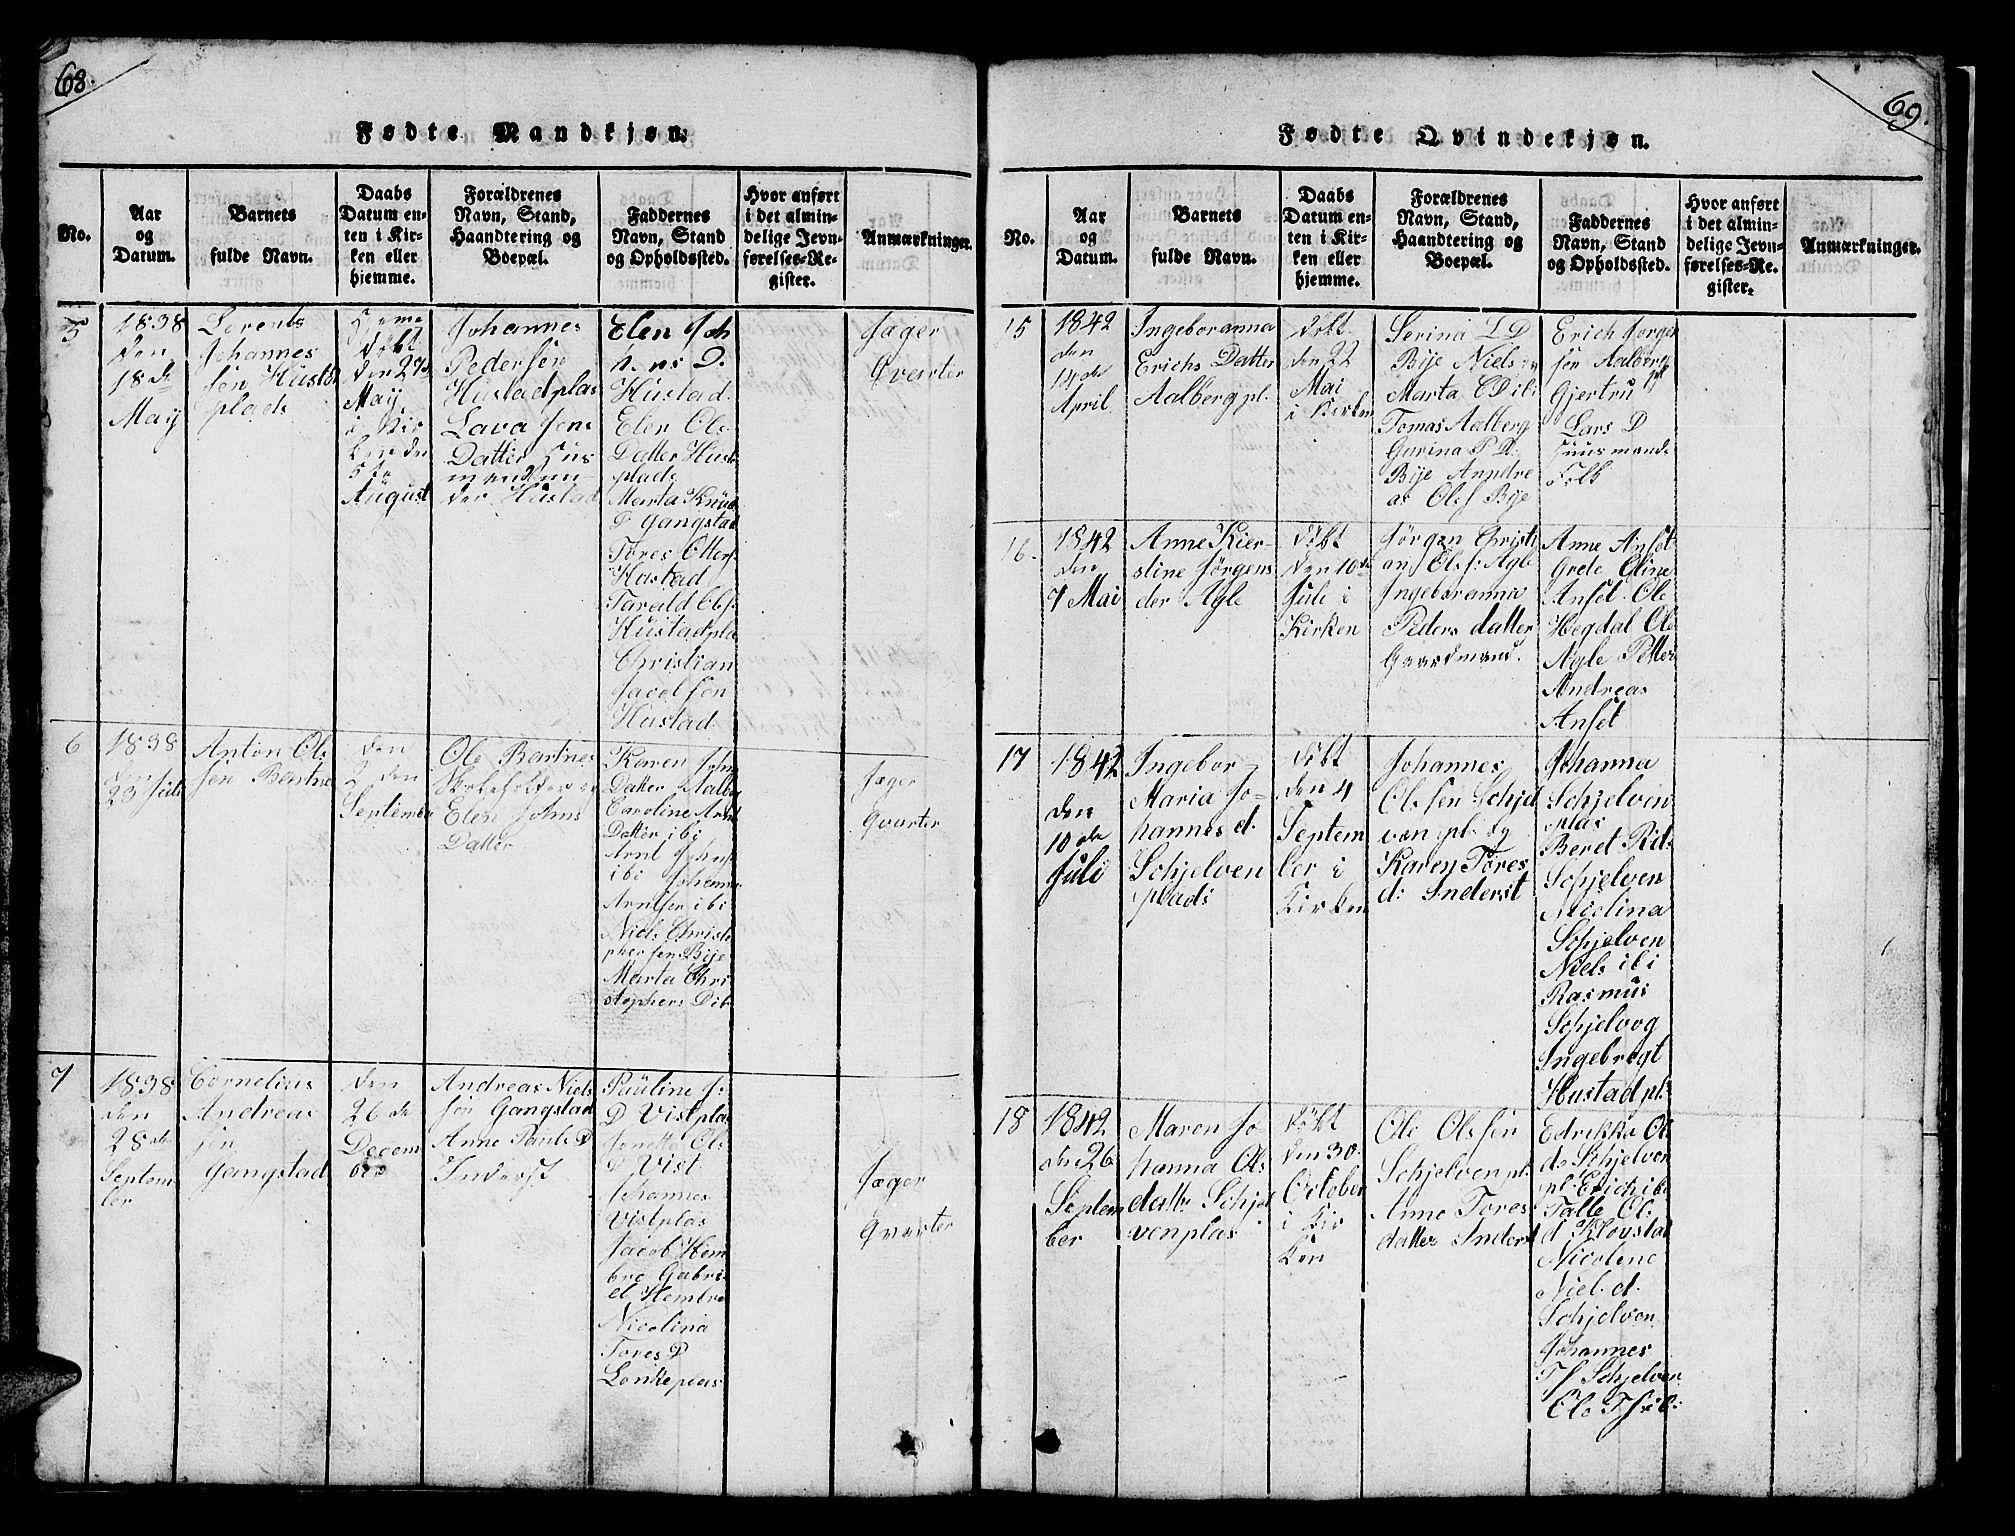 SAT, Ministerialprotokoller, klokkerbøker og fødselsregistre - Nord-Trøndelag, 732/L0317: Klokkerbok nr. 732C01, 1816-1881, s. 68-69